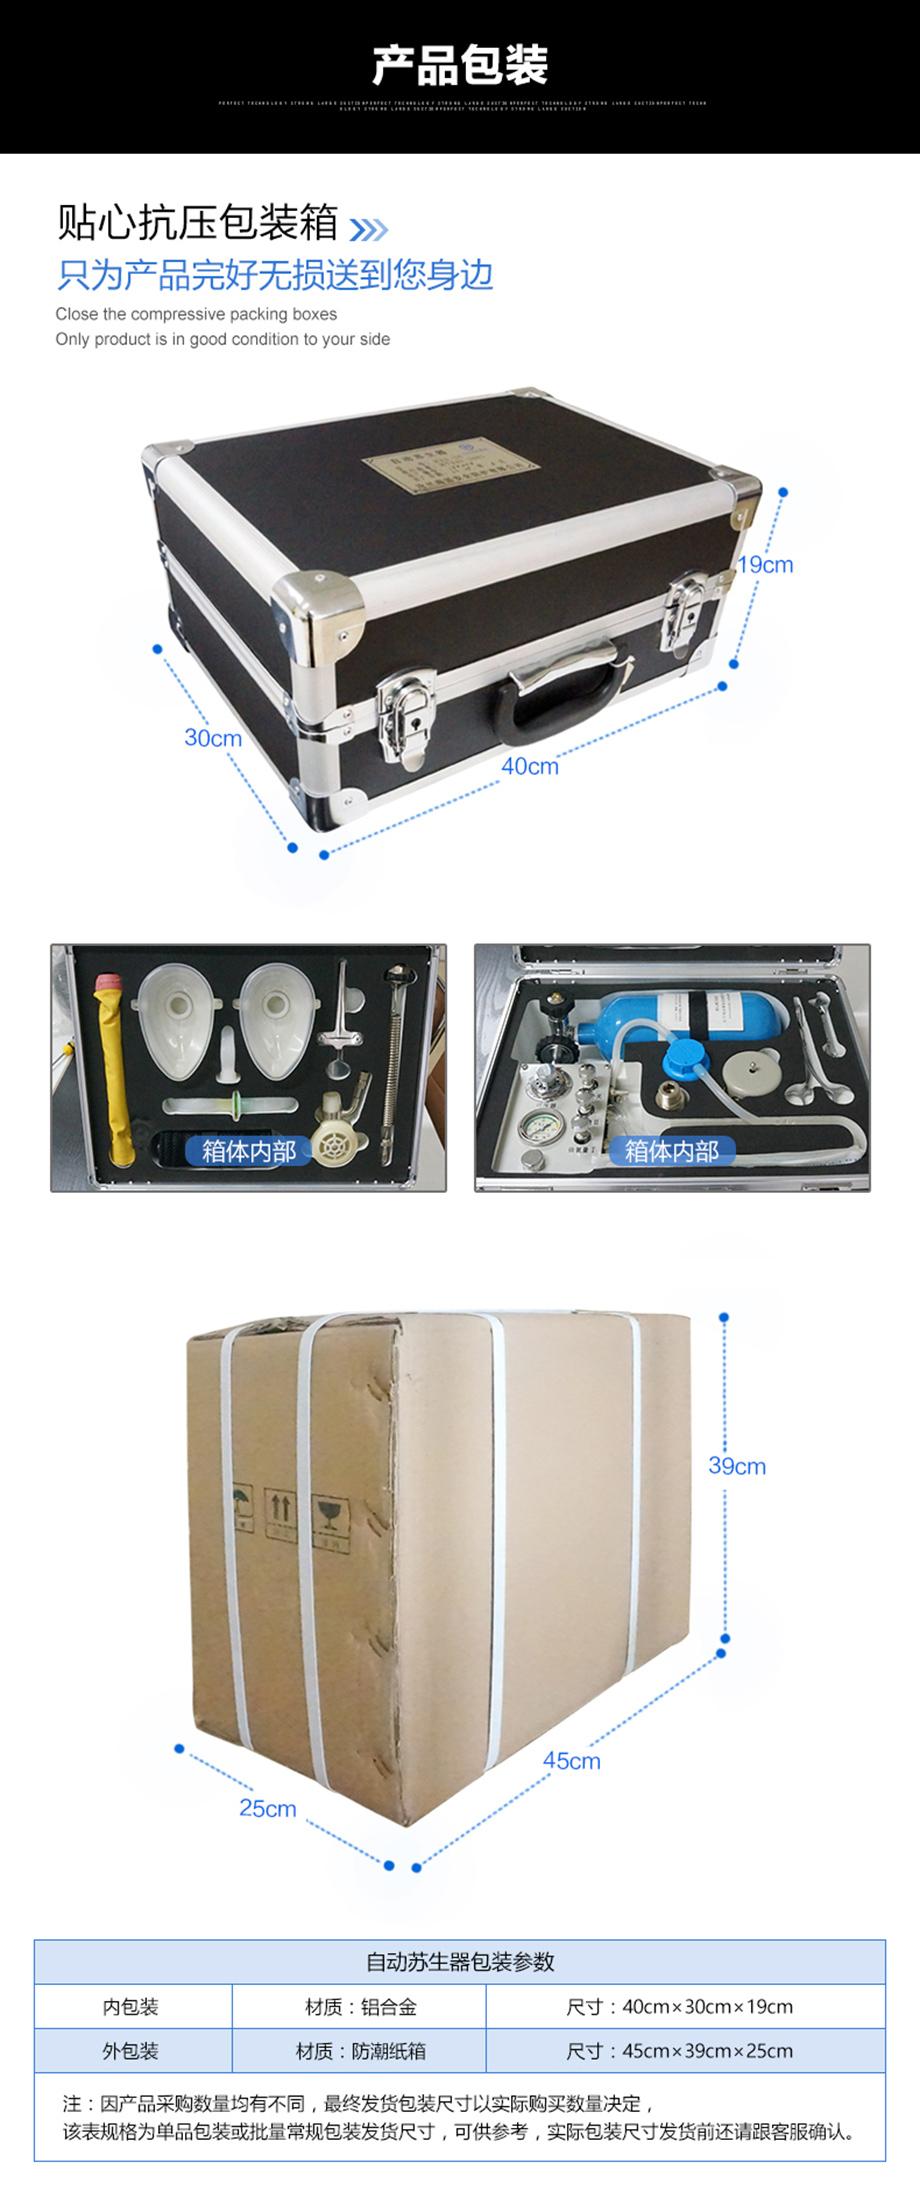 海固ASZ-30(SZ1.0/2.0)自动苏生器结构